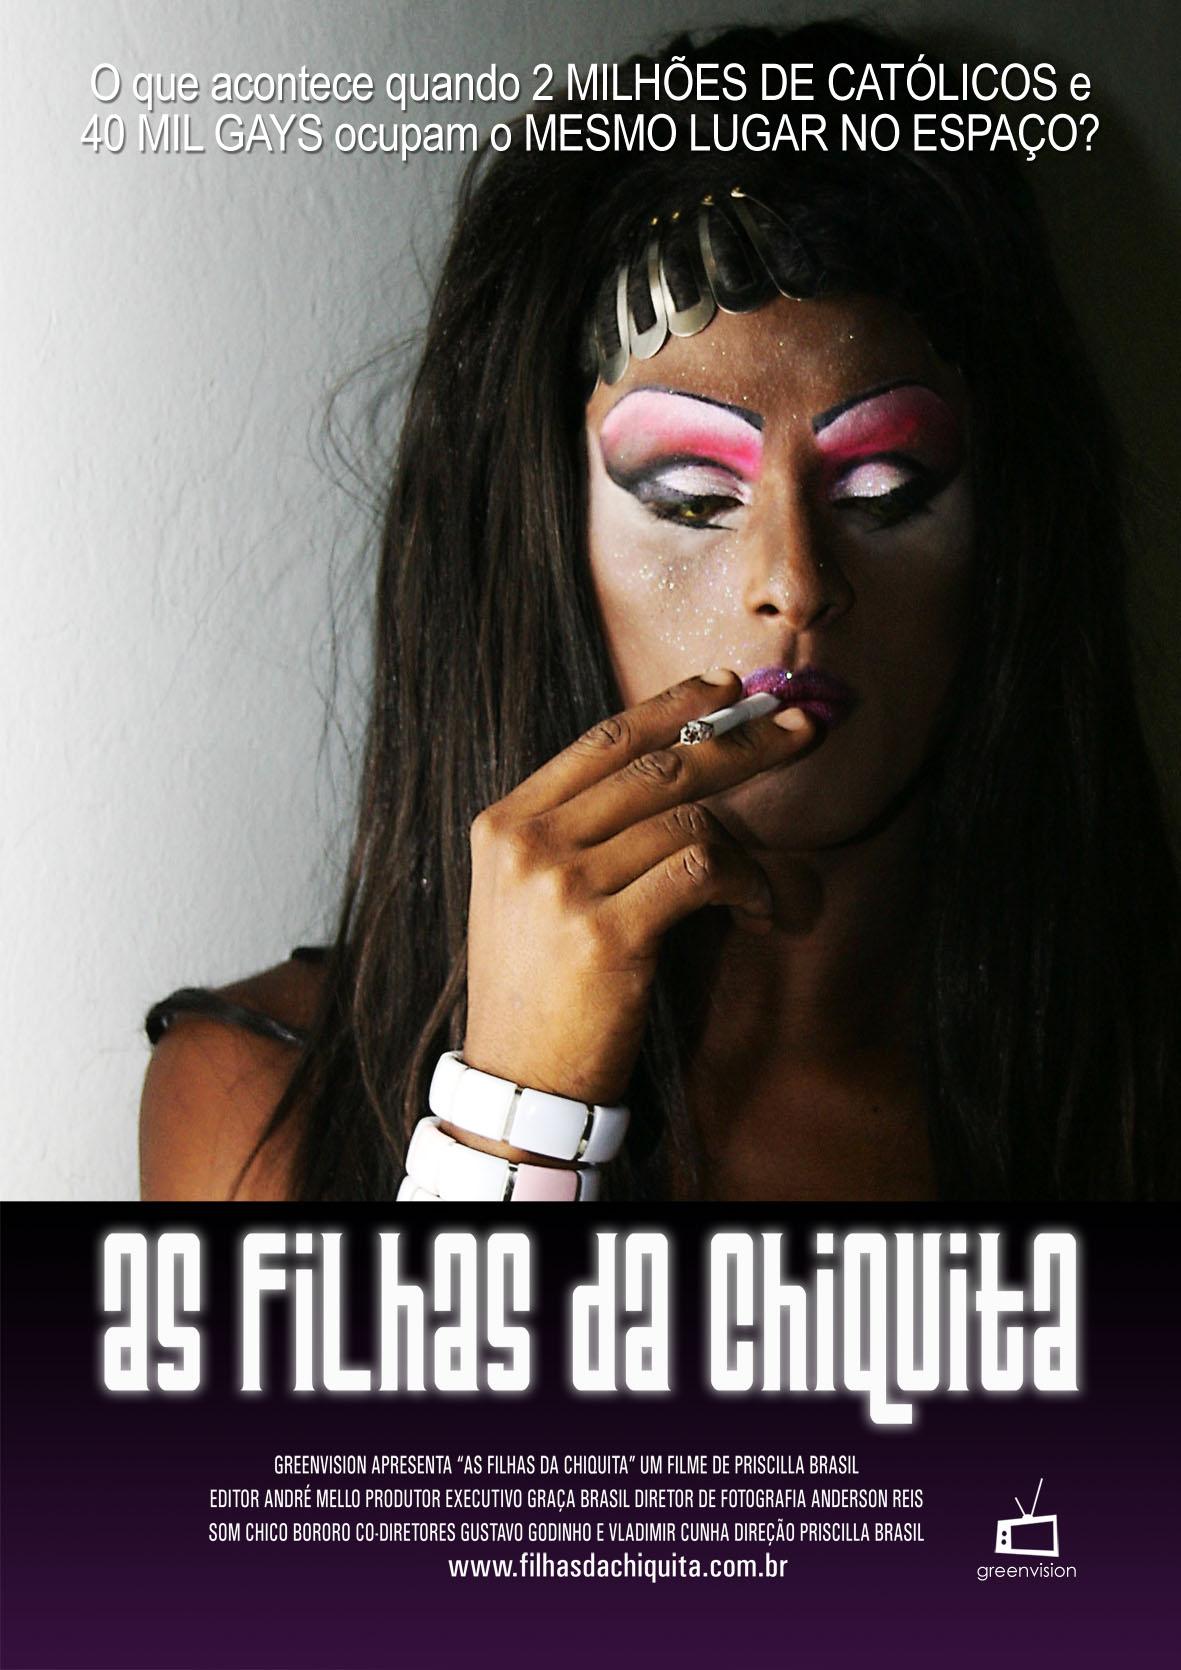 Poster de divulgação do documentário sobre a festa Filhas de Chiquita